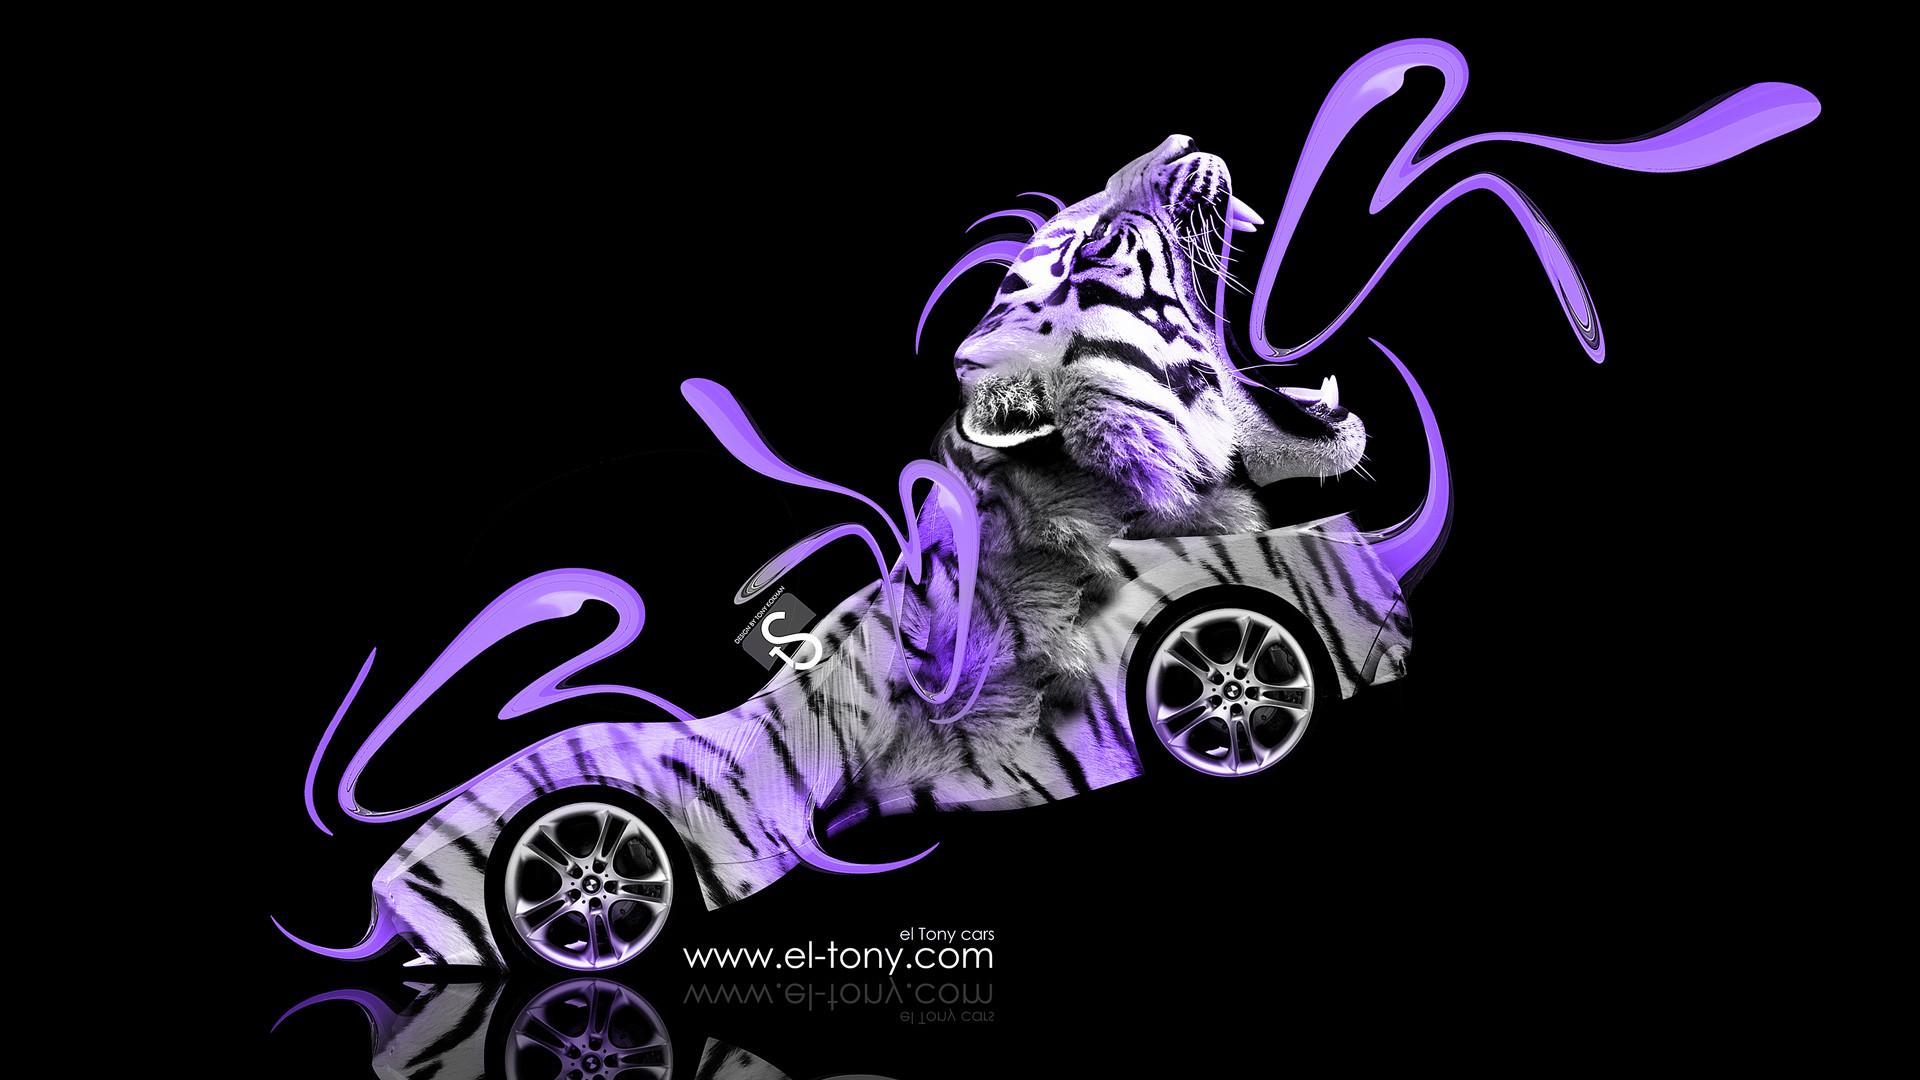 -Tiger-Car-2014-Violet-Neon-design-by-Tony-Kokhan-[www.el-tony.com